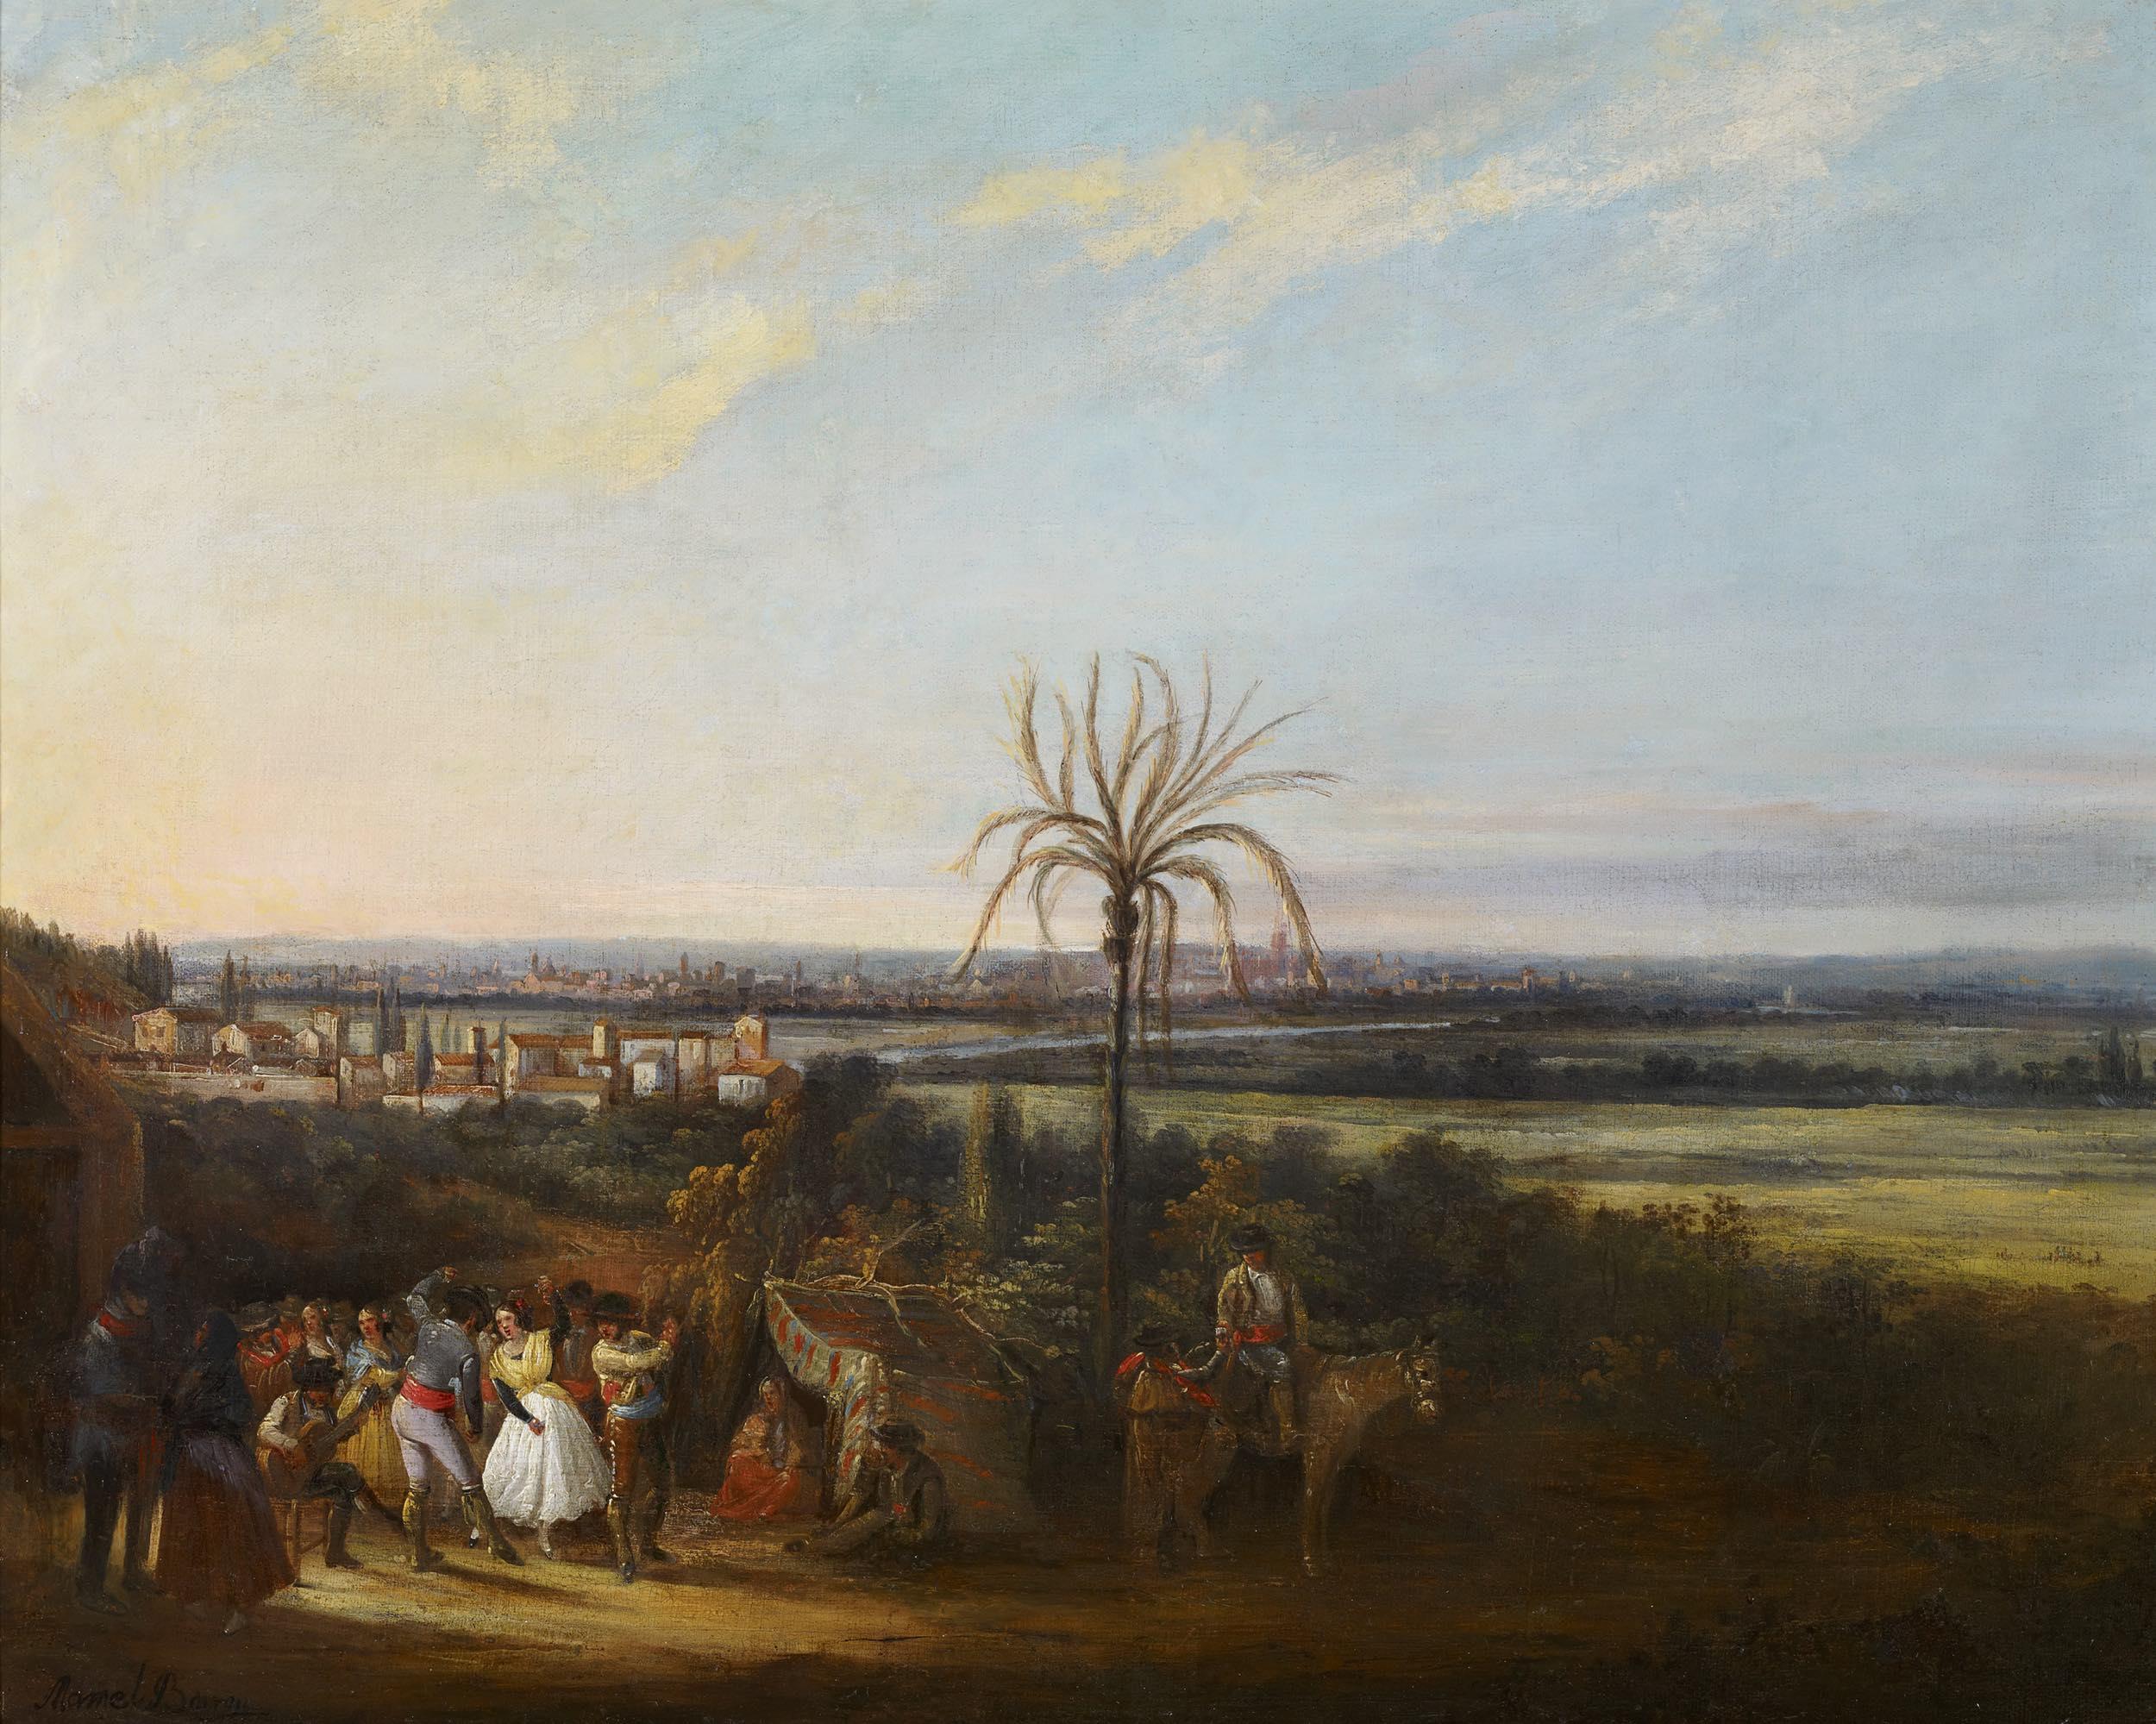 Fiesta popular en los alrededores de Sevilla (1845-1850), de Manuel Barrón y Carrillo